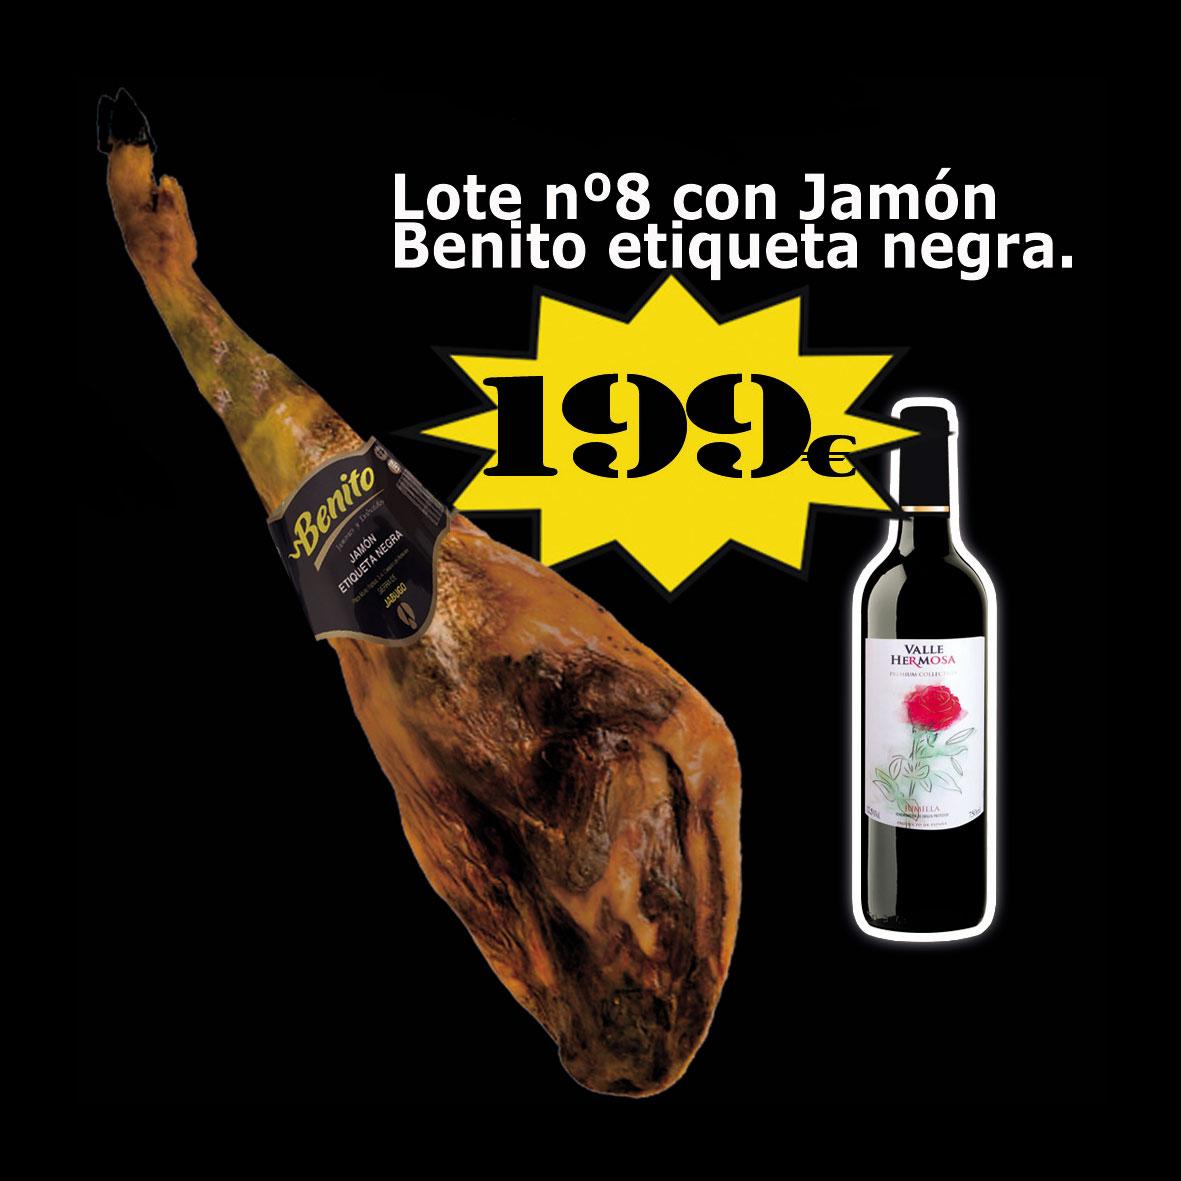 Lote de Navidad con jamón Jamonería La Dehesa